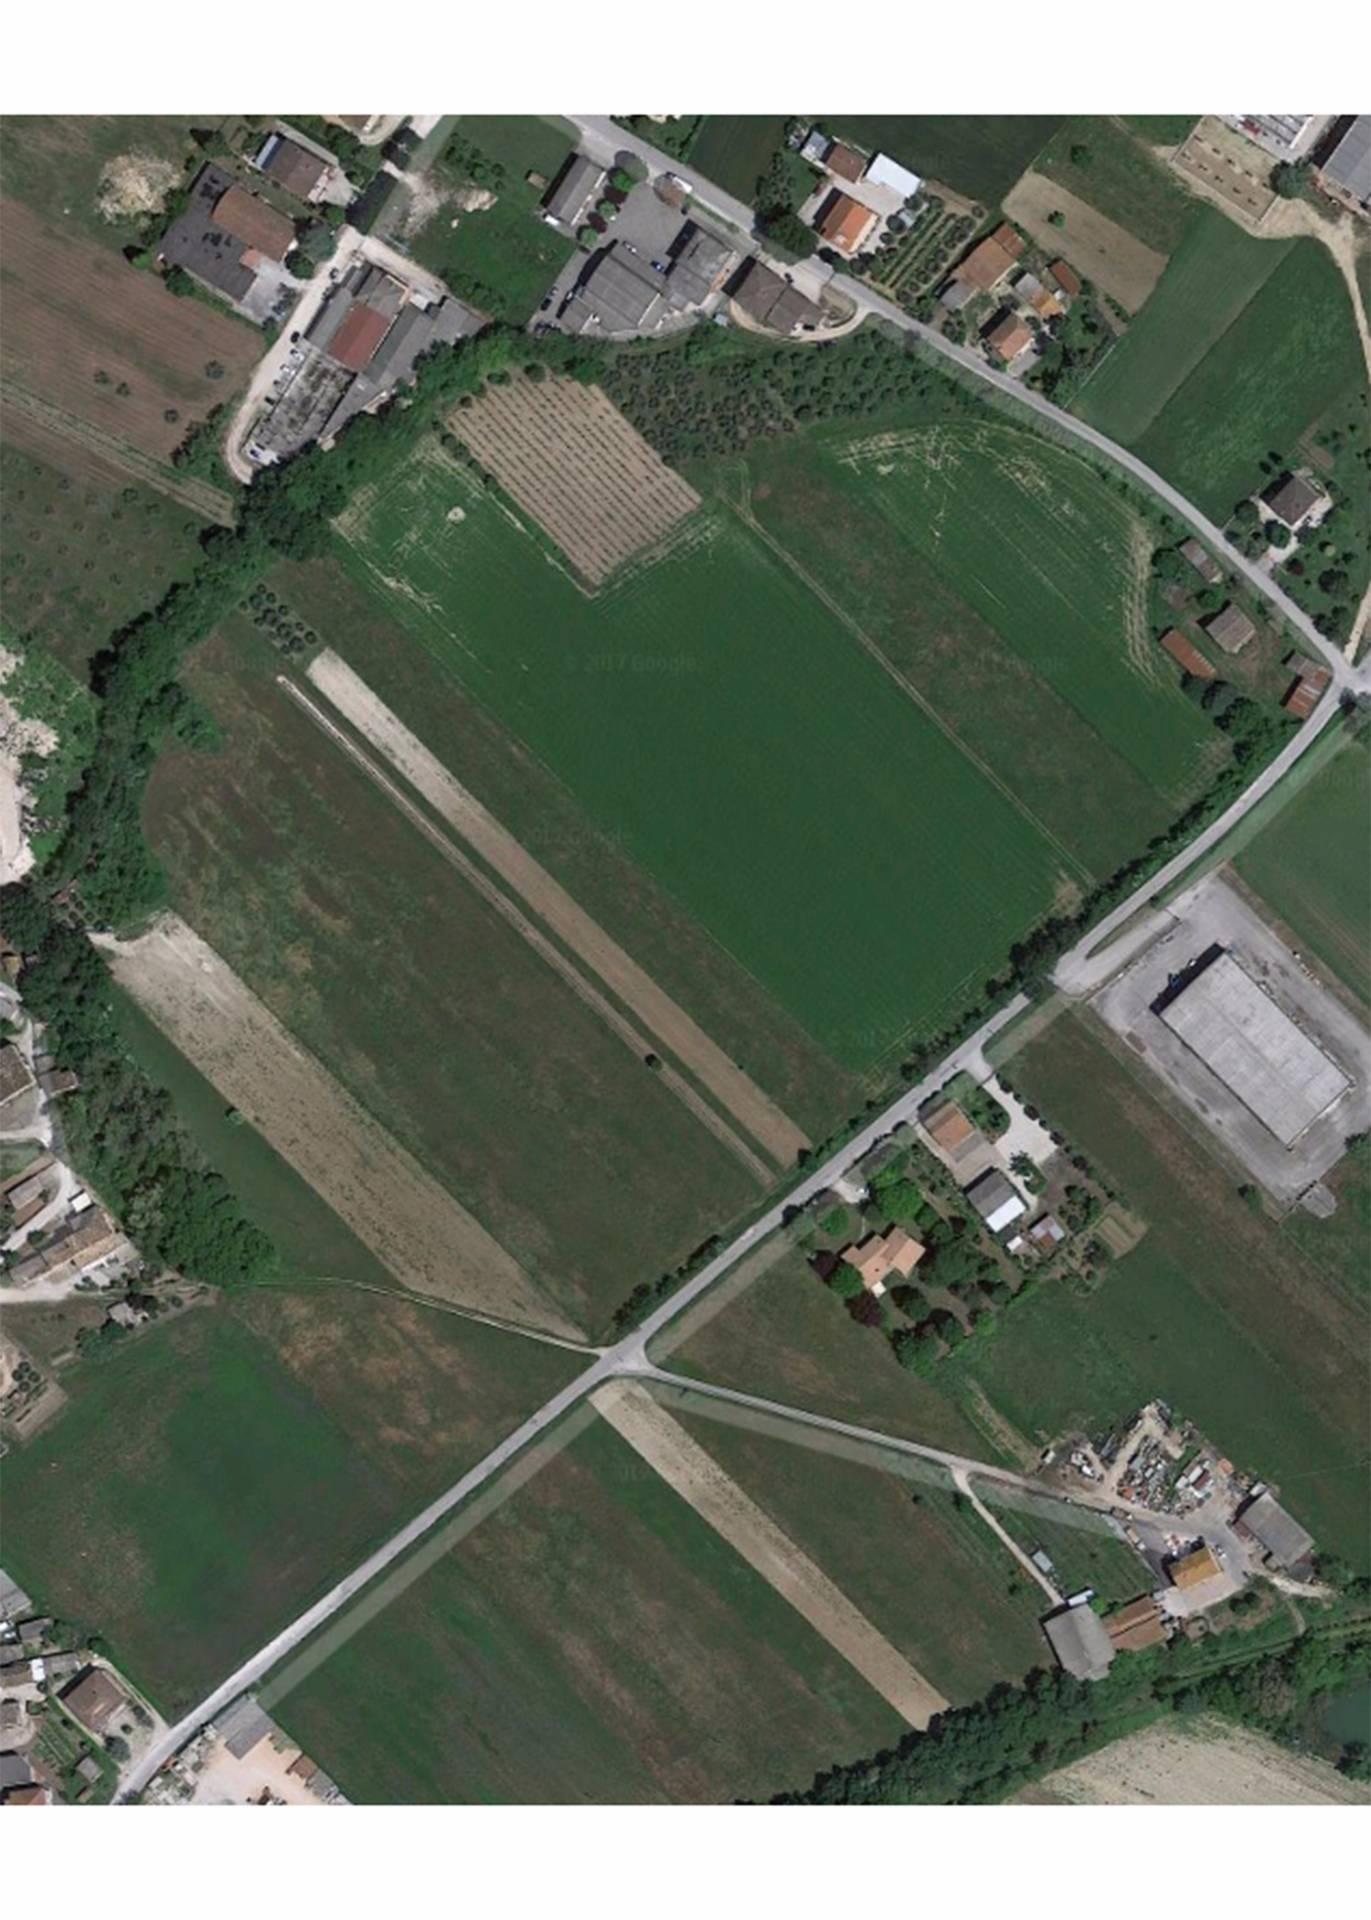 Negozio / Locale in vendita a Falerone, 9999 locali, zona Località: PianediFalerone, prezzo € 540.000 | CambioCasa.it